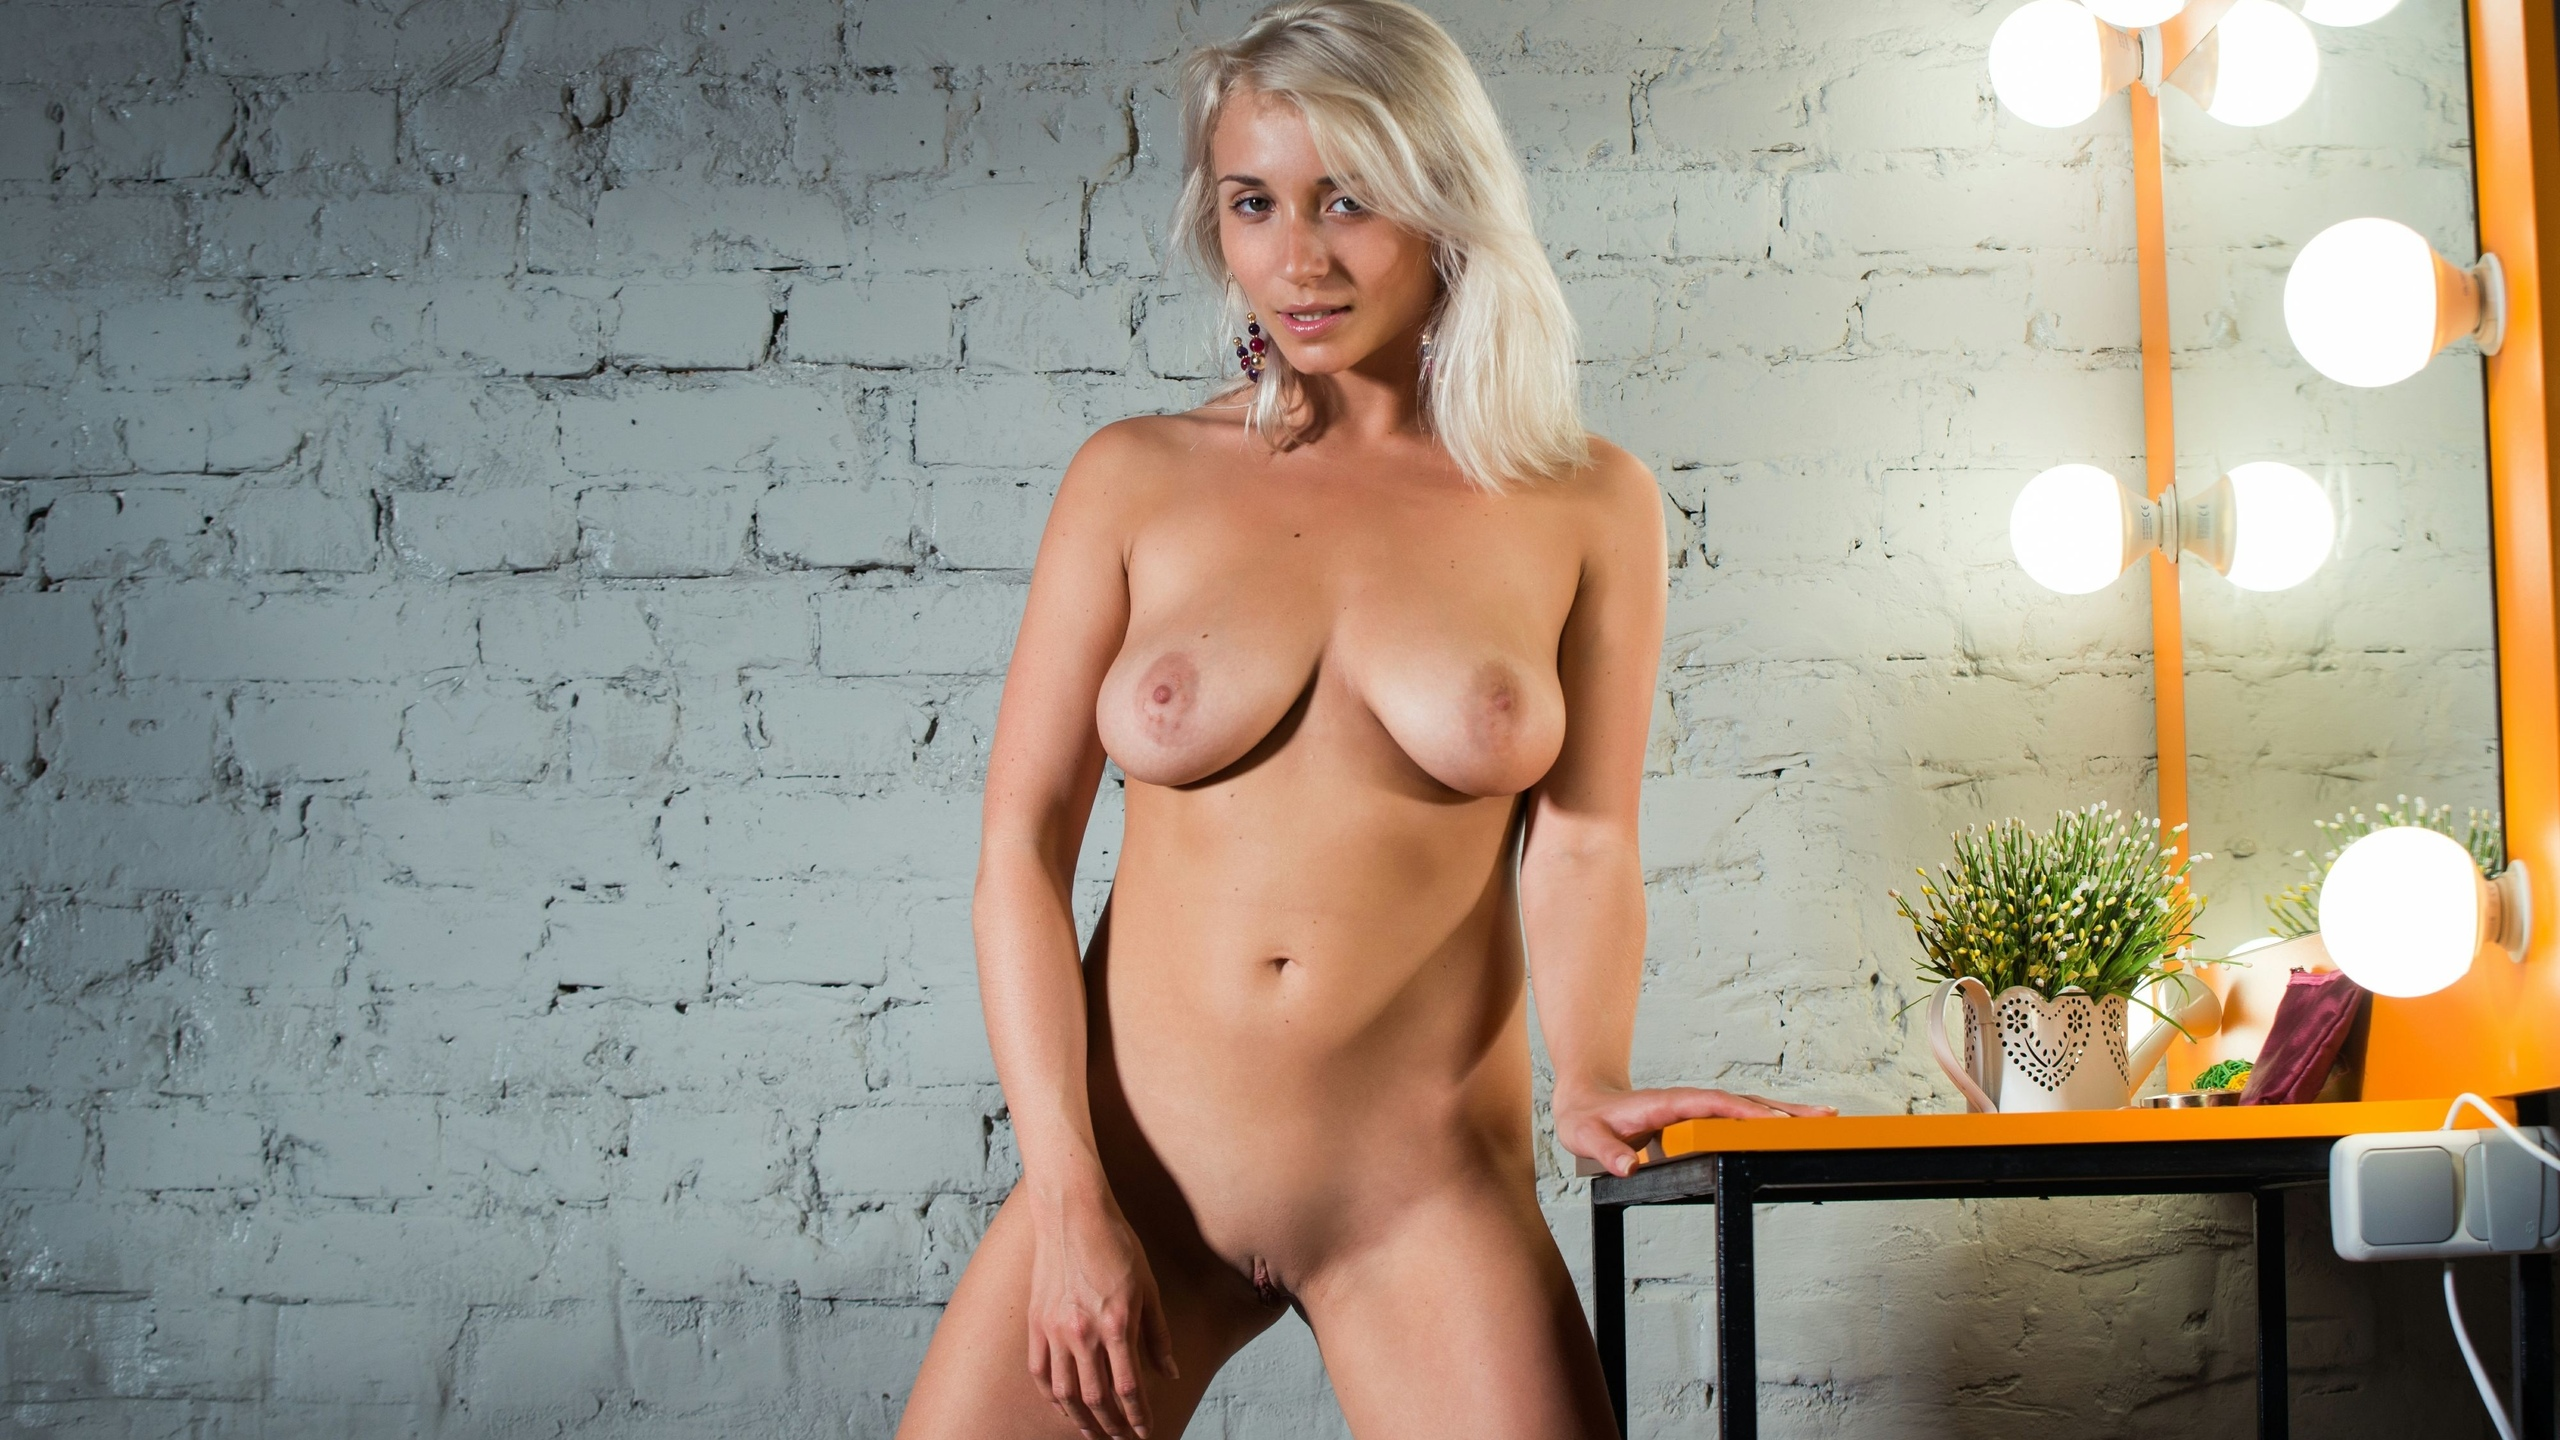 девушка, красивая, киска, грудь, ножки, голая, сиськи, лобок